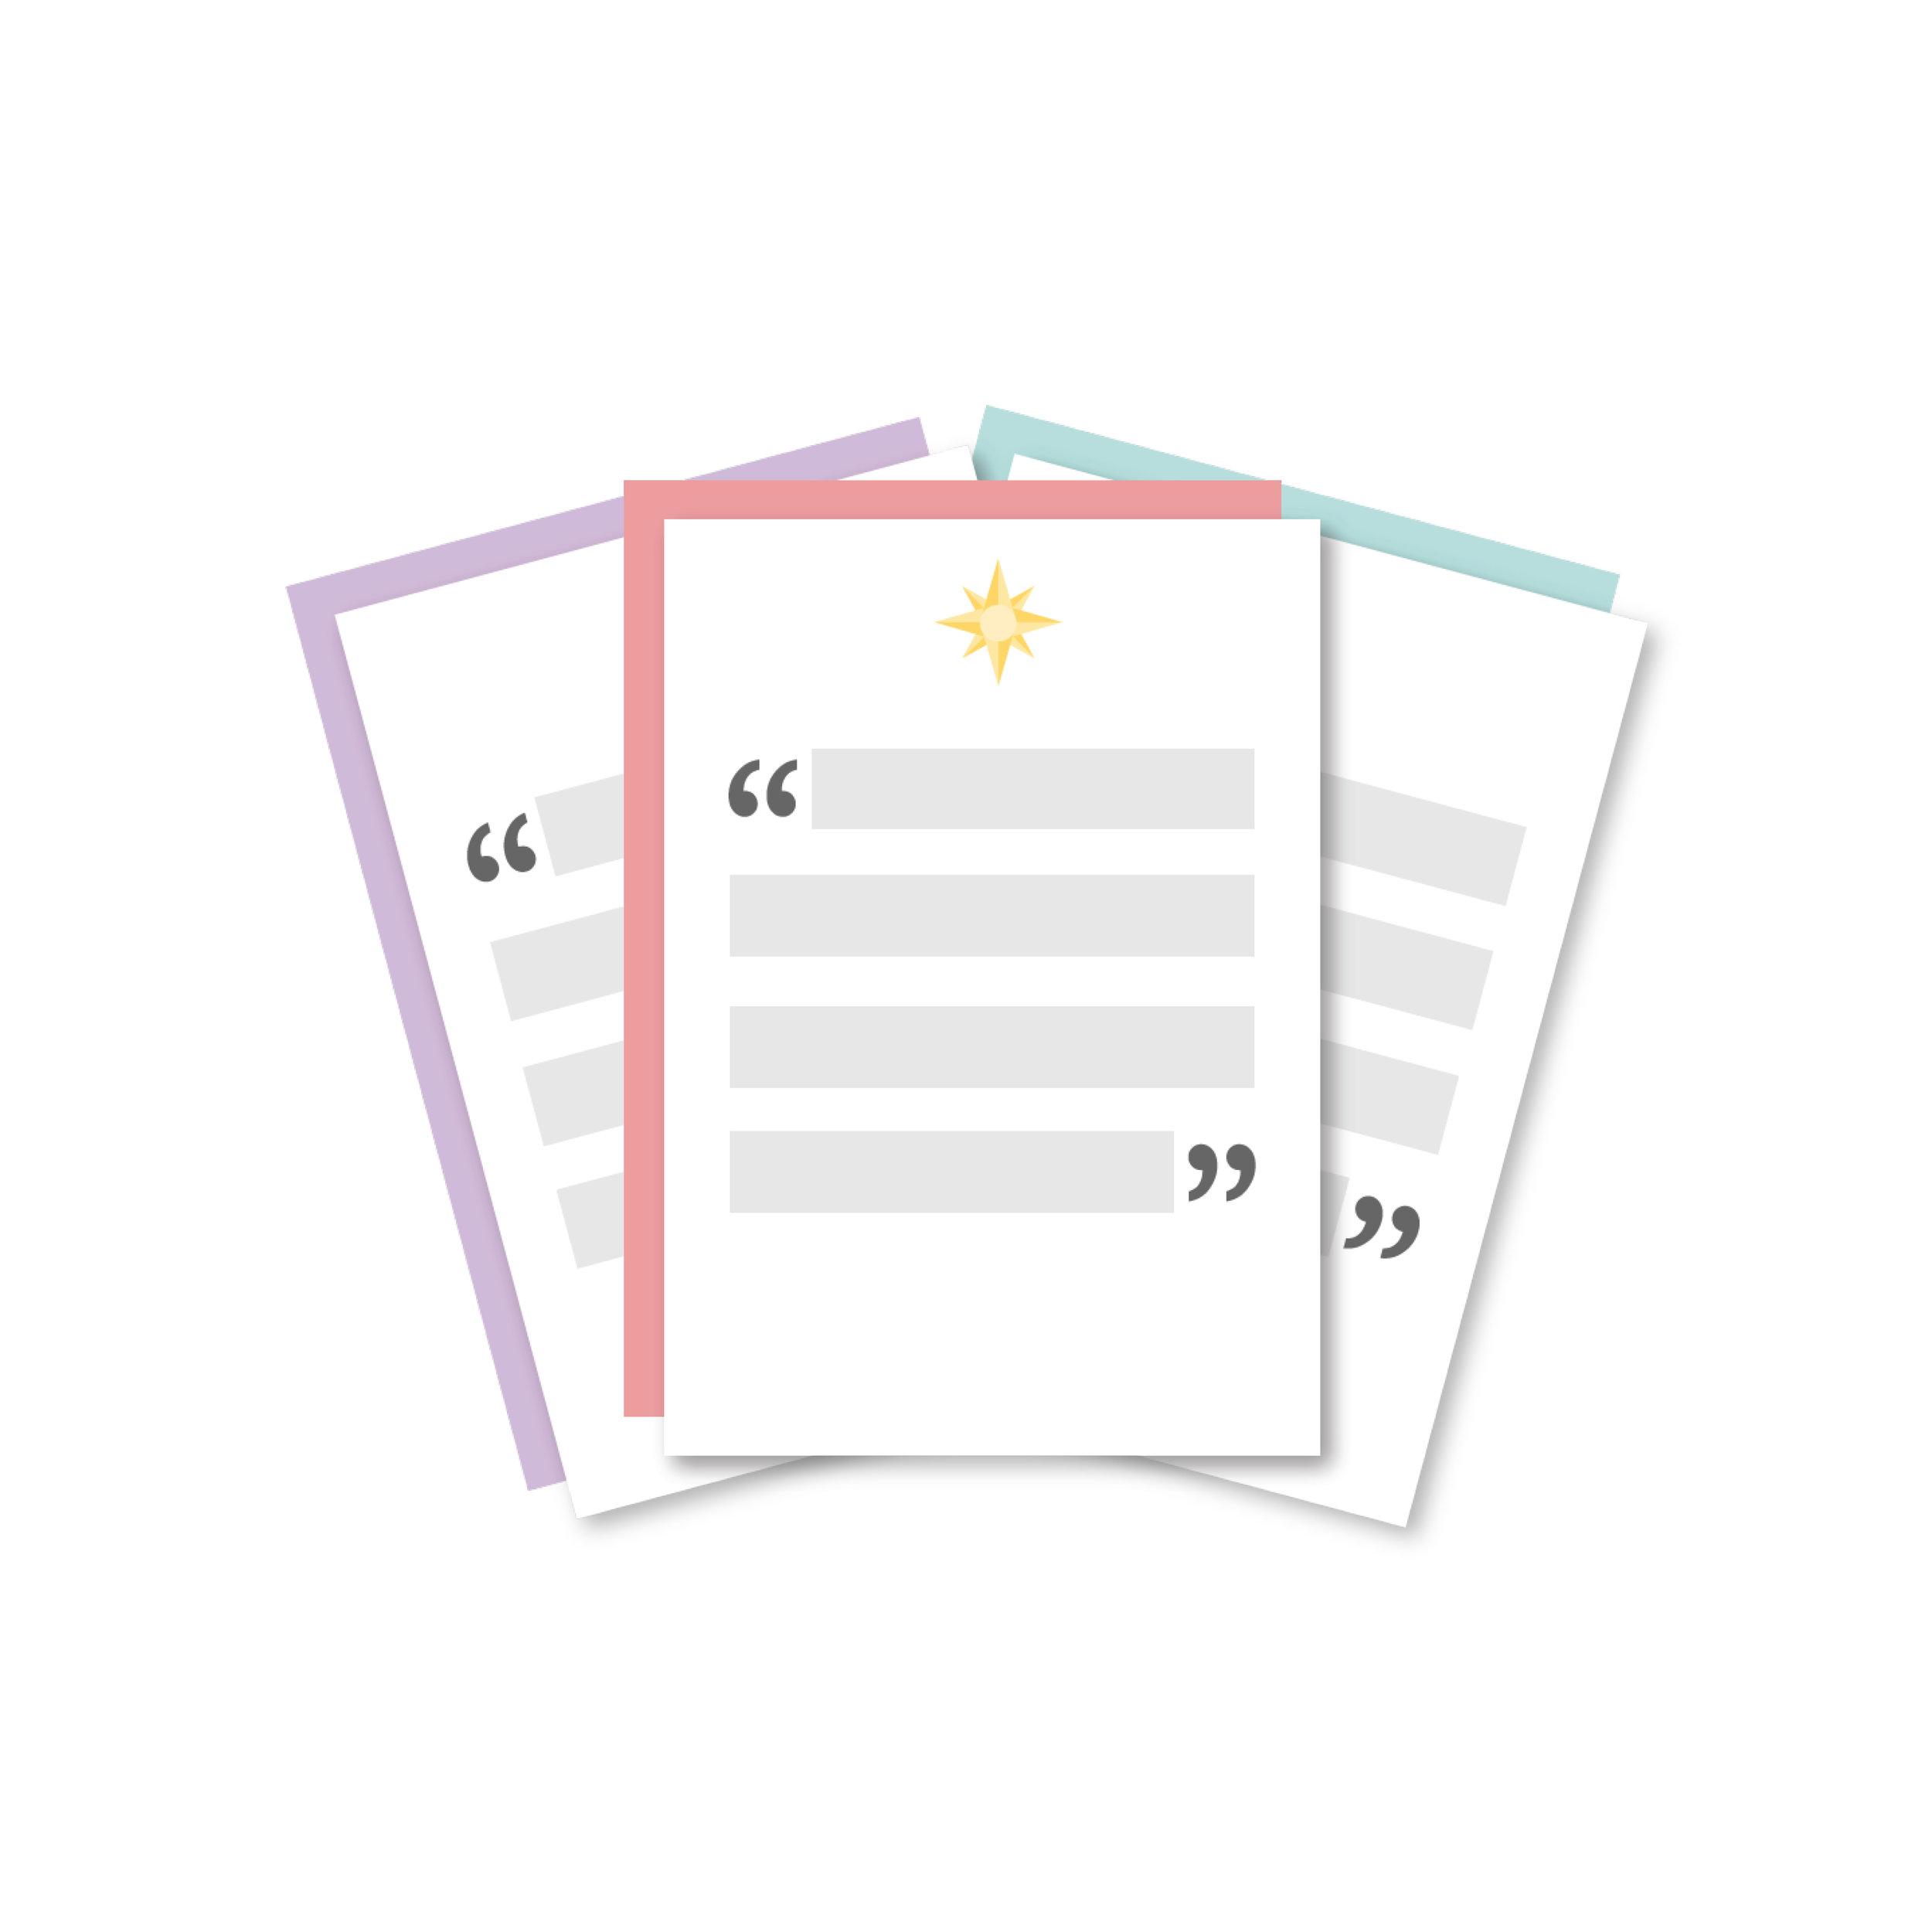 homepage-workbook-icon.jpg